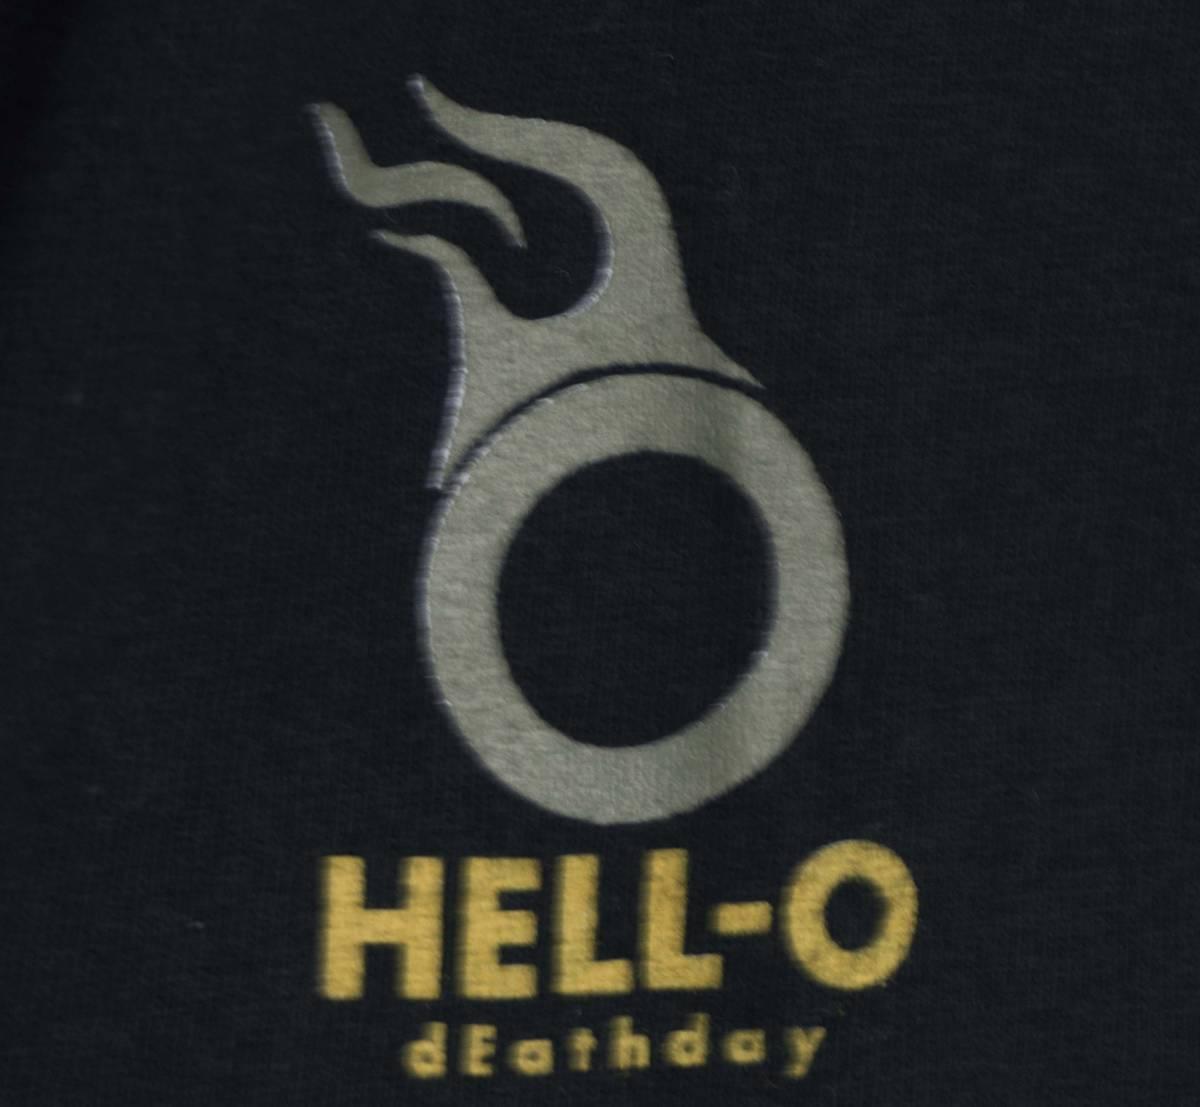 激レア! 00's SKINNY PUPPY 『THE GREATER WRONG OF THE RIGHT』 ツアー Tシャツ COIL MINISTRY MARILYN MANSON NINE INCH NAILS KMFDM_画像6